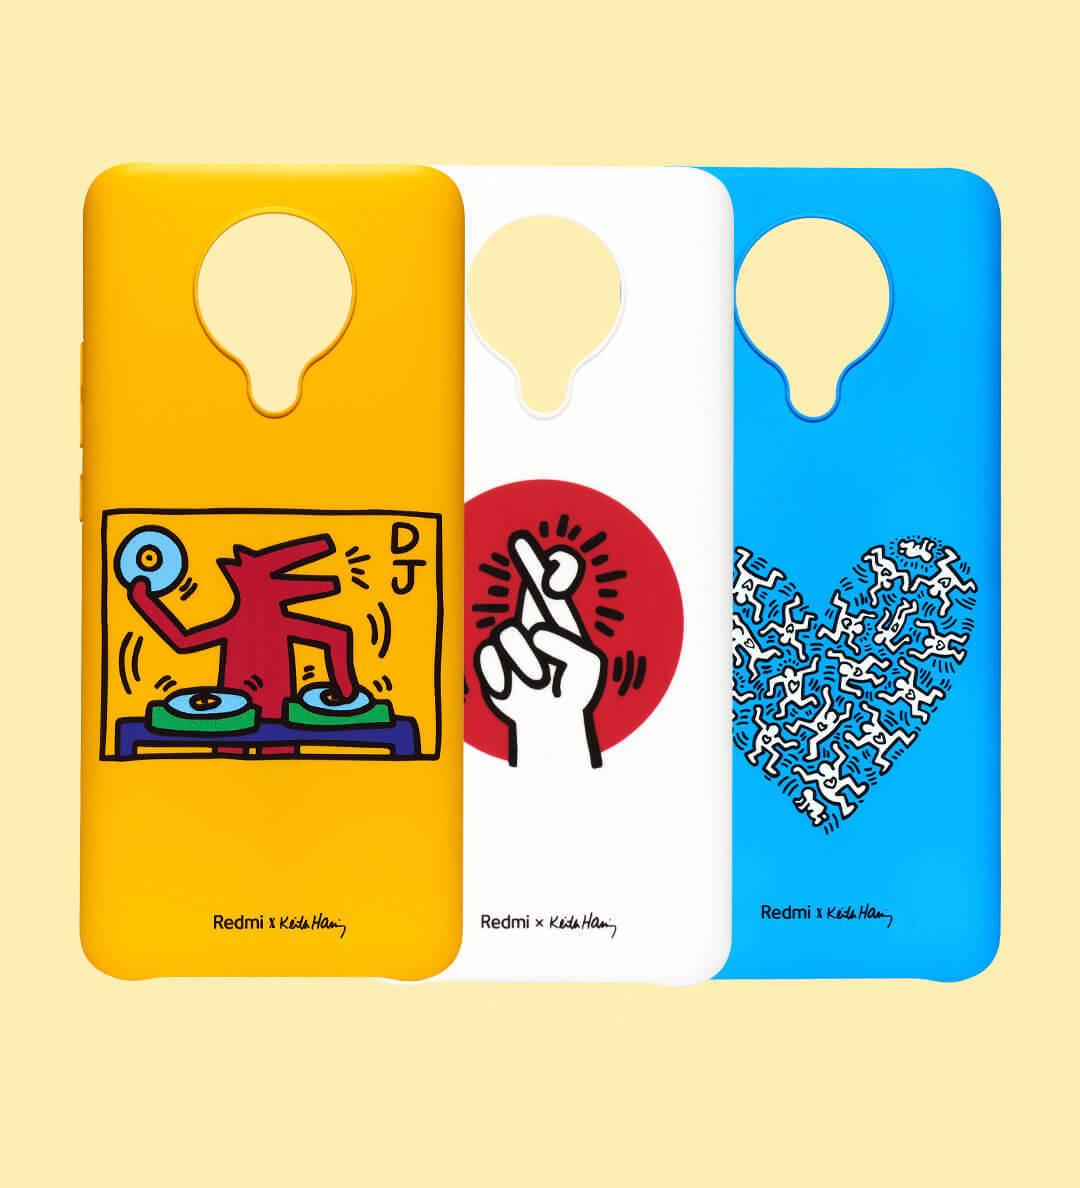 Así lucen las fundas oficiales del Redmi K30 Pro basadas en el arte urbano de Keith Haring. Noticias Xiaomi Adictos